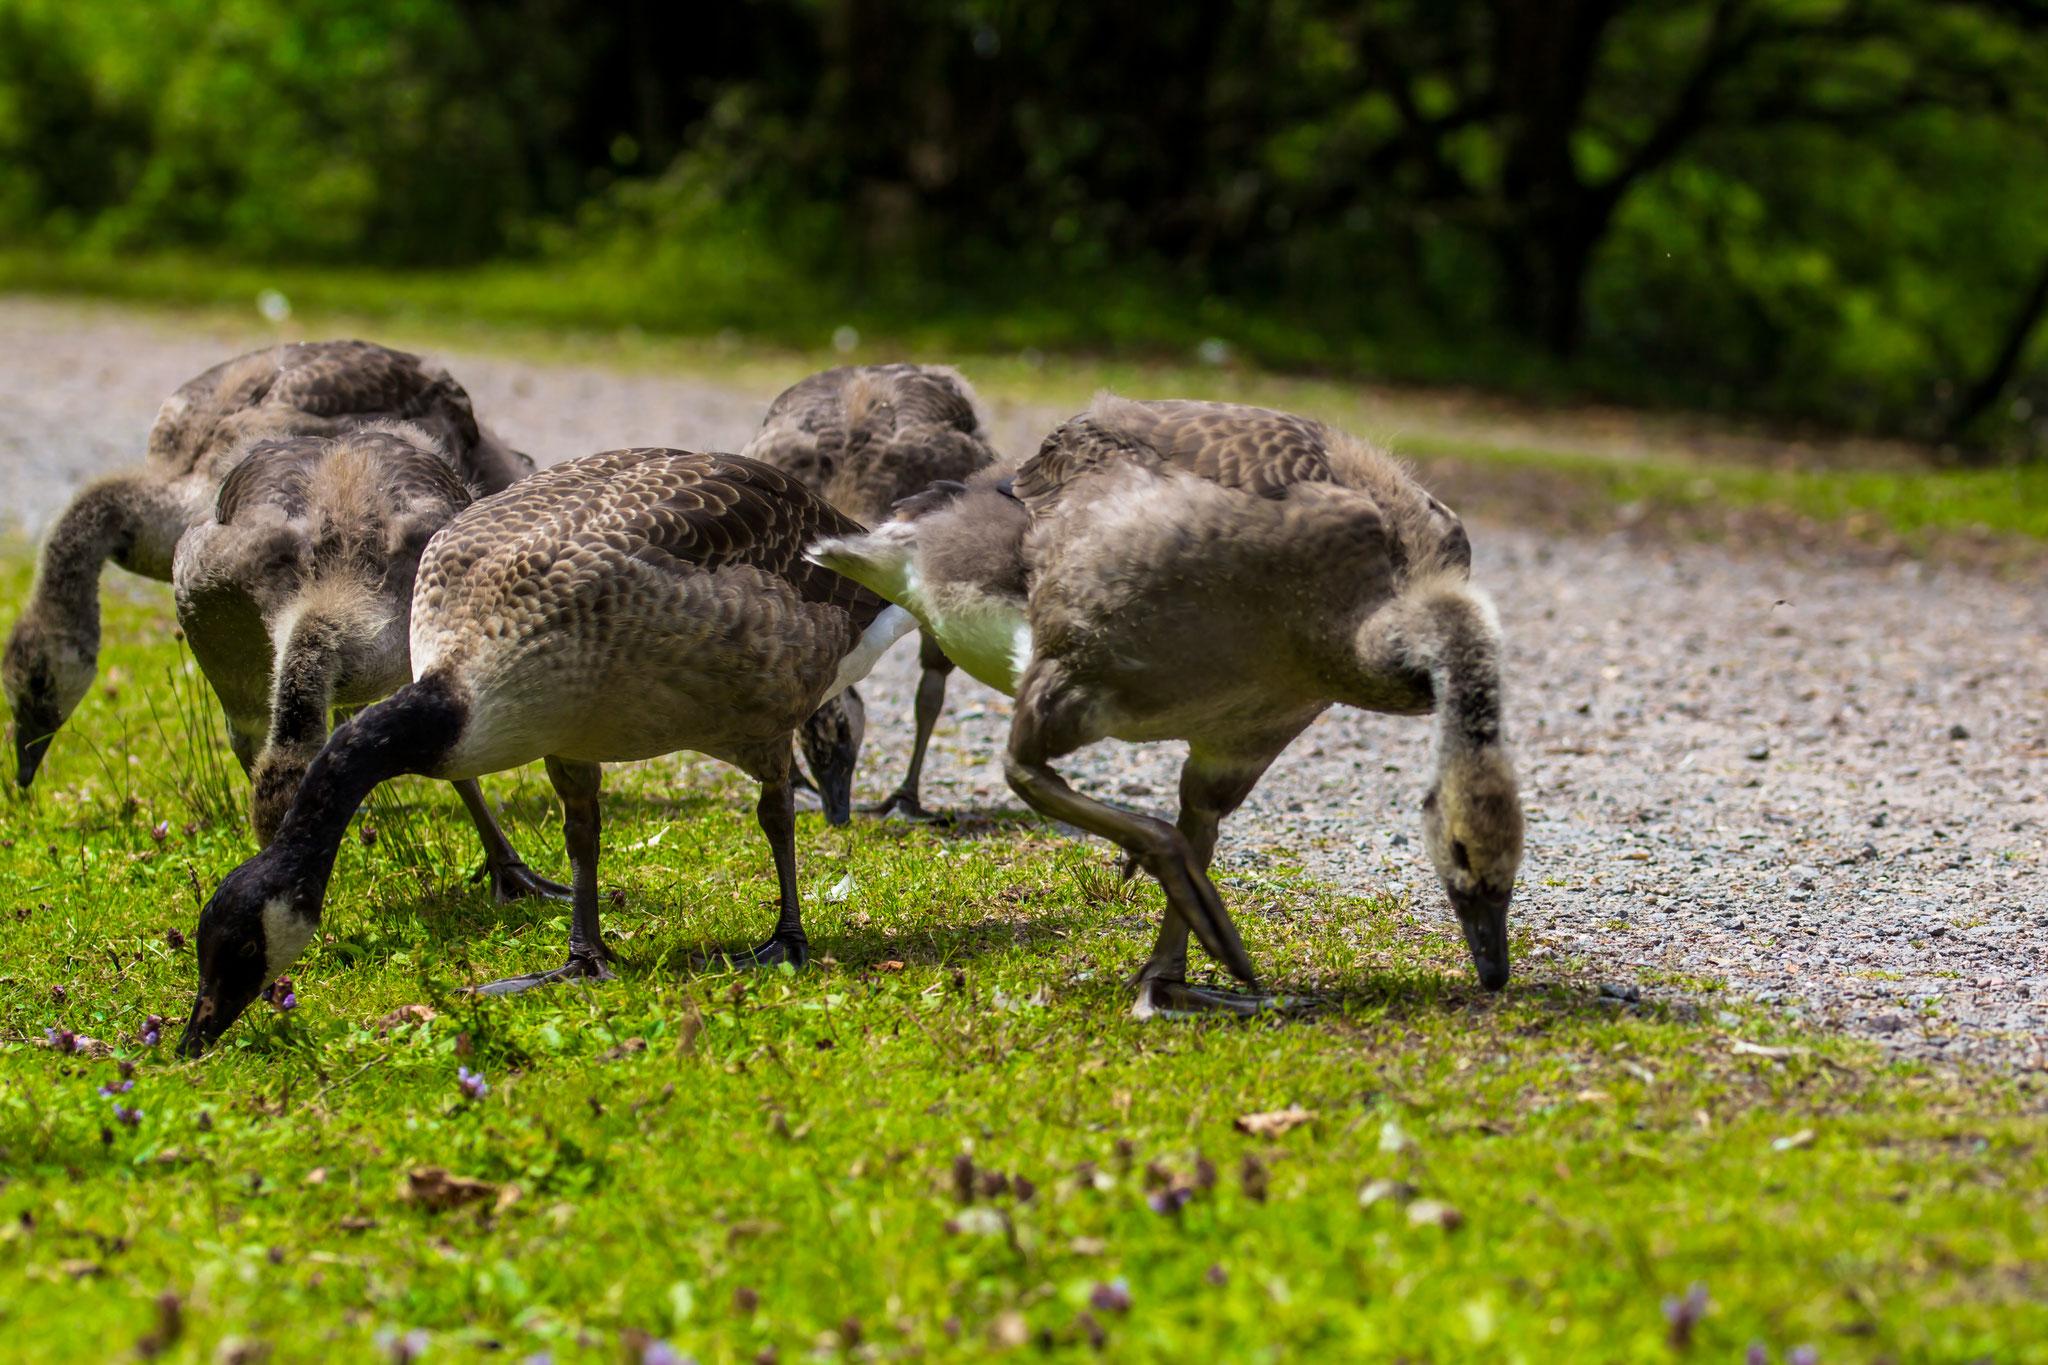 02_Kanadische Wildgänse (Canadian Geese) im Naturschutzgebiet Mönchbruch